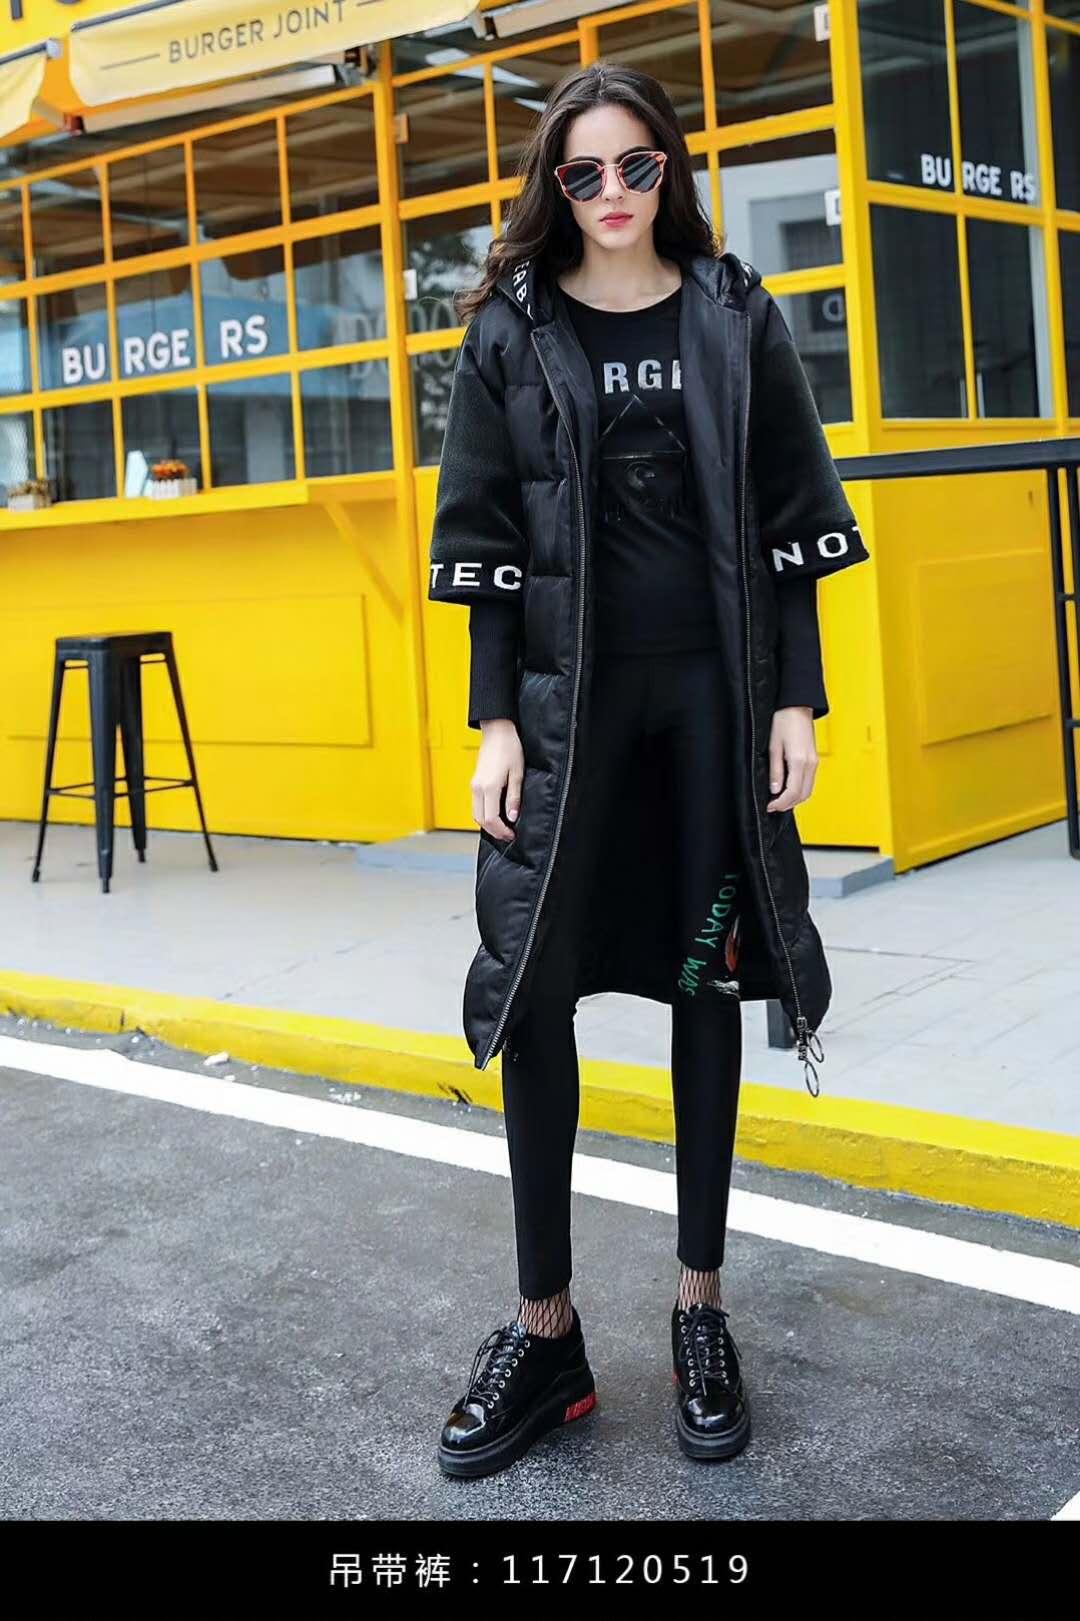 杭州一线羽绒服专柜正品女装折扣拓谷进货渠道